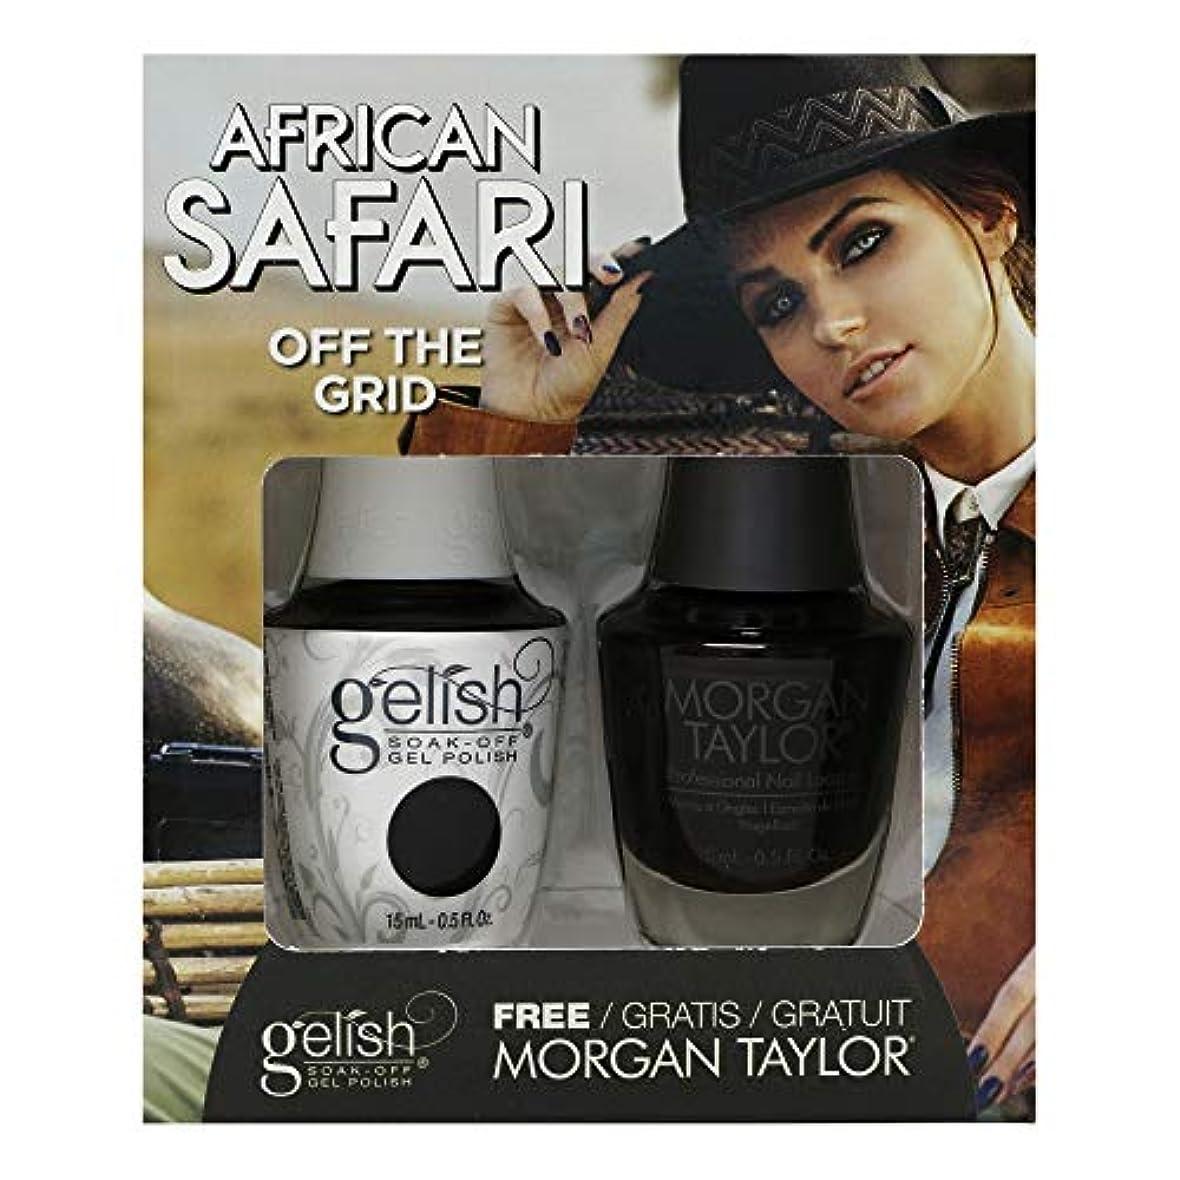 然としたコンテスト隠Gelish - Two of a Kind - African Safari Collection - Off The Grid